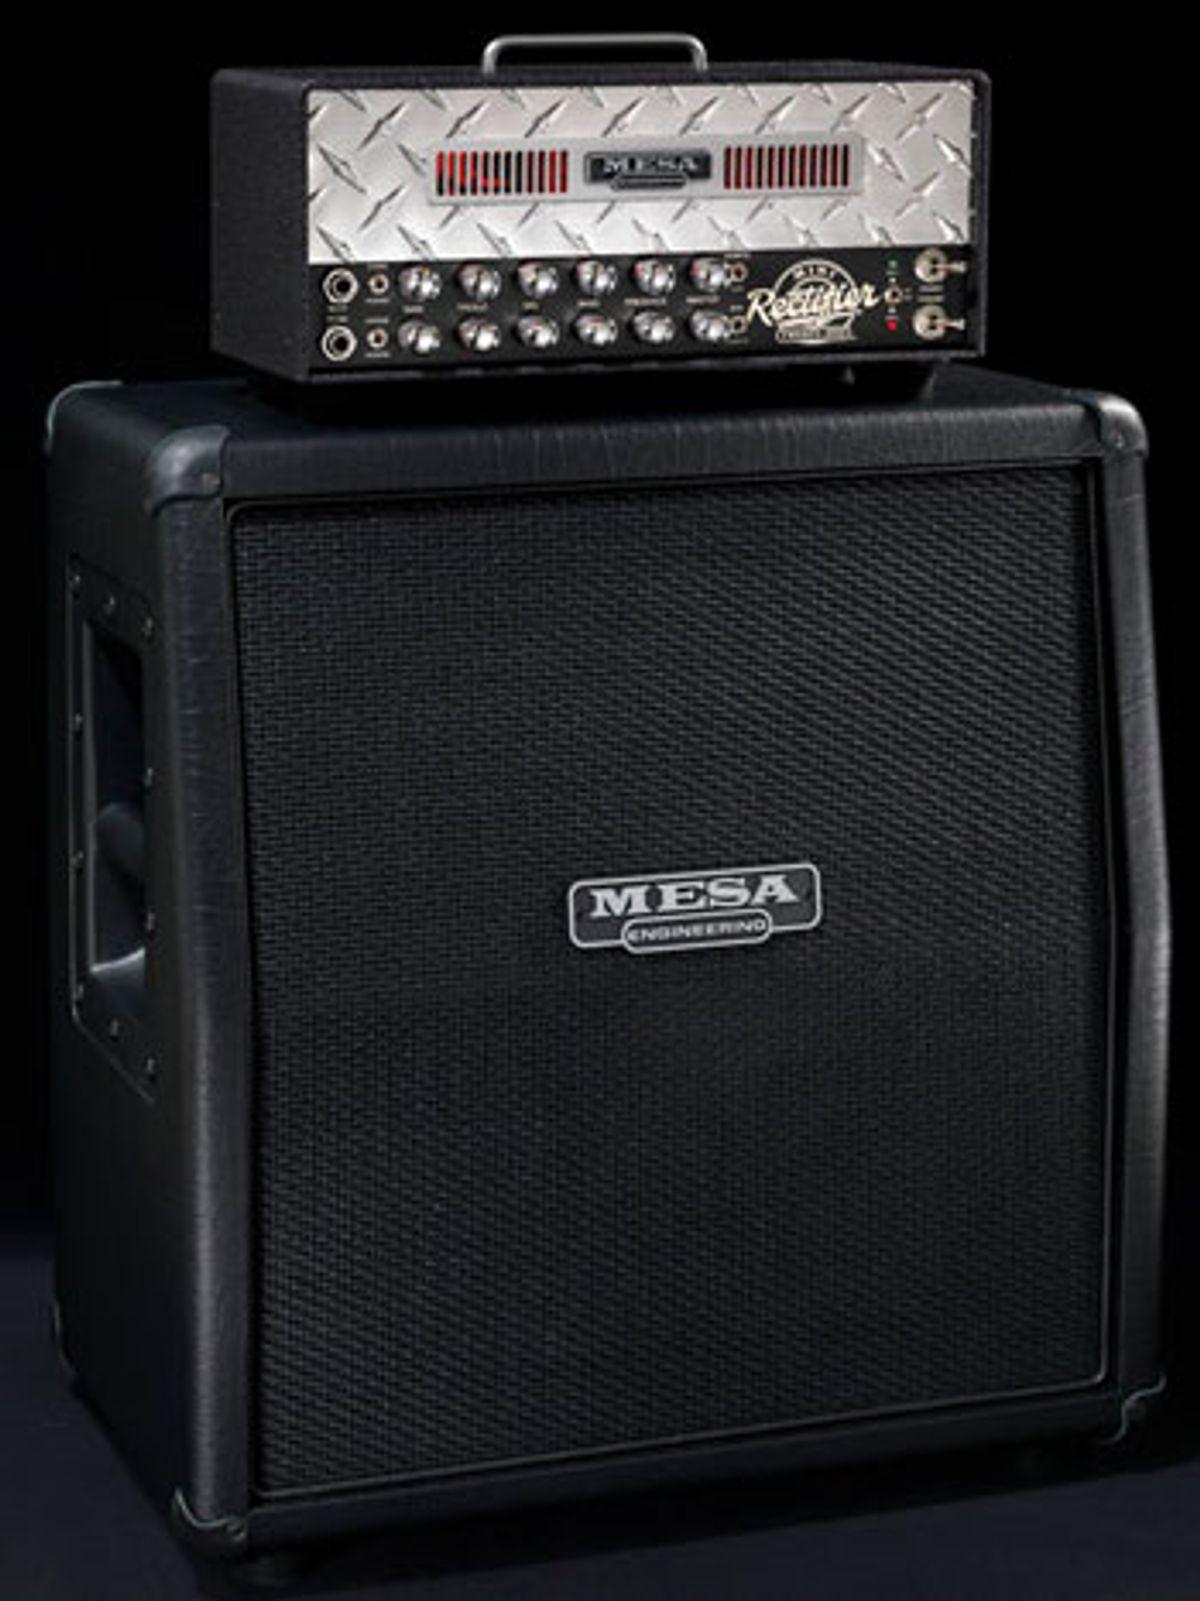 Mesa/Boogie Releases the Mini Rectifier Twenty-Five